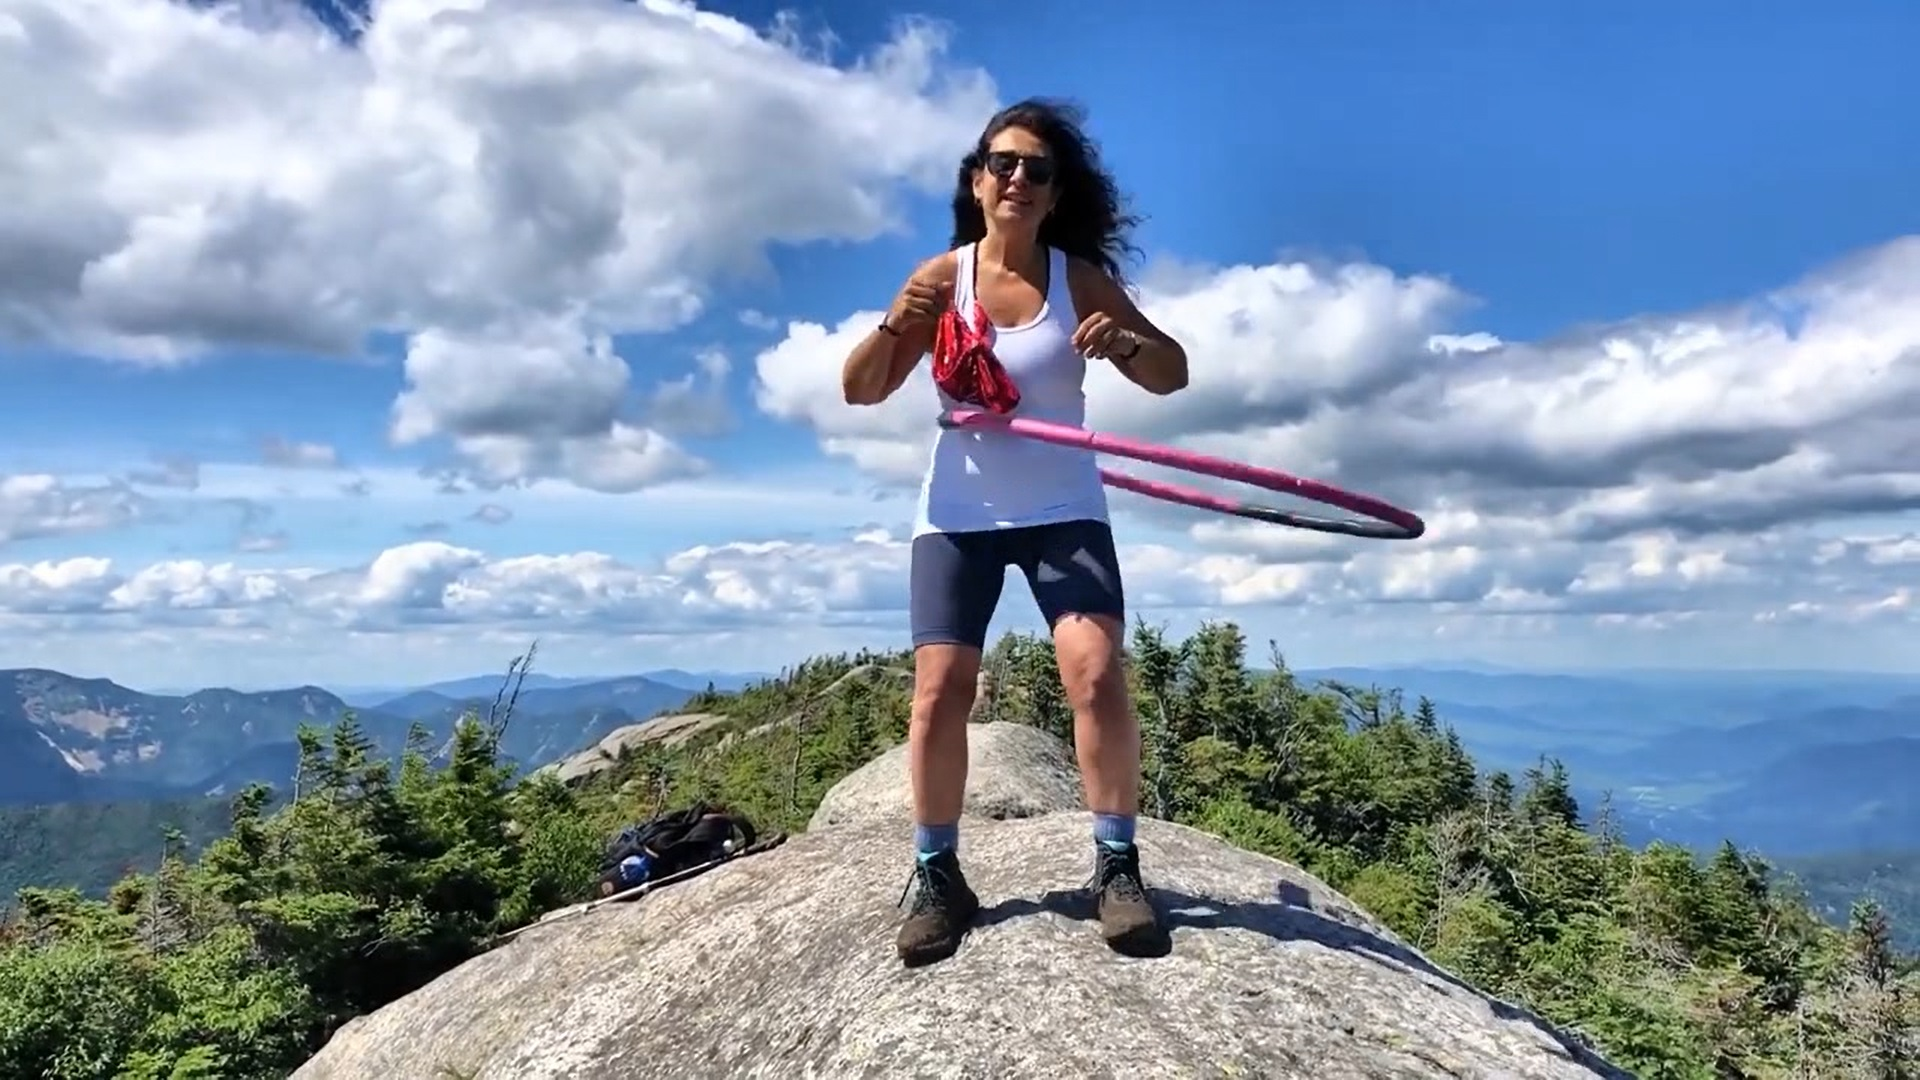 stavis high peaks hula hiker